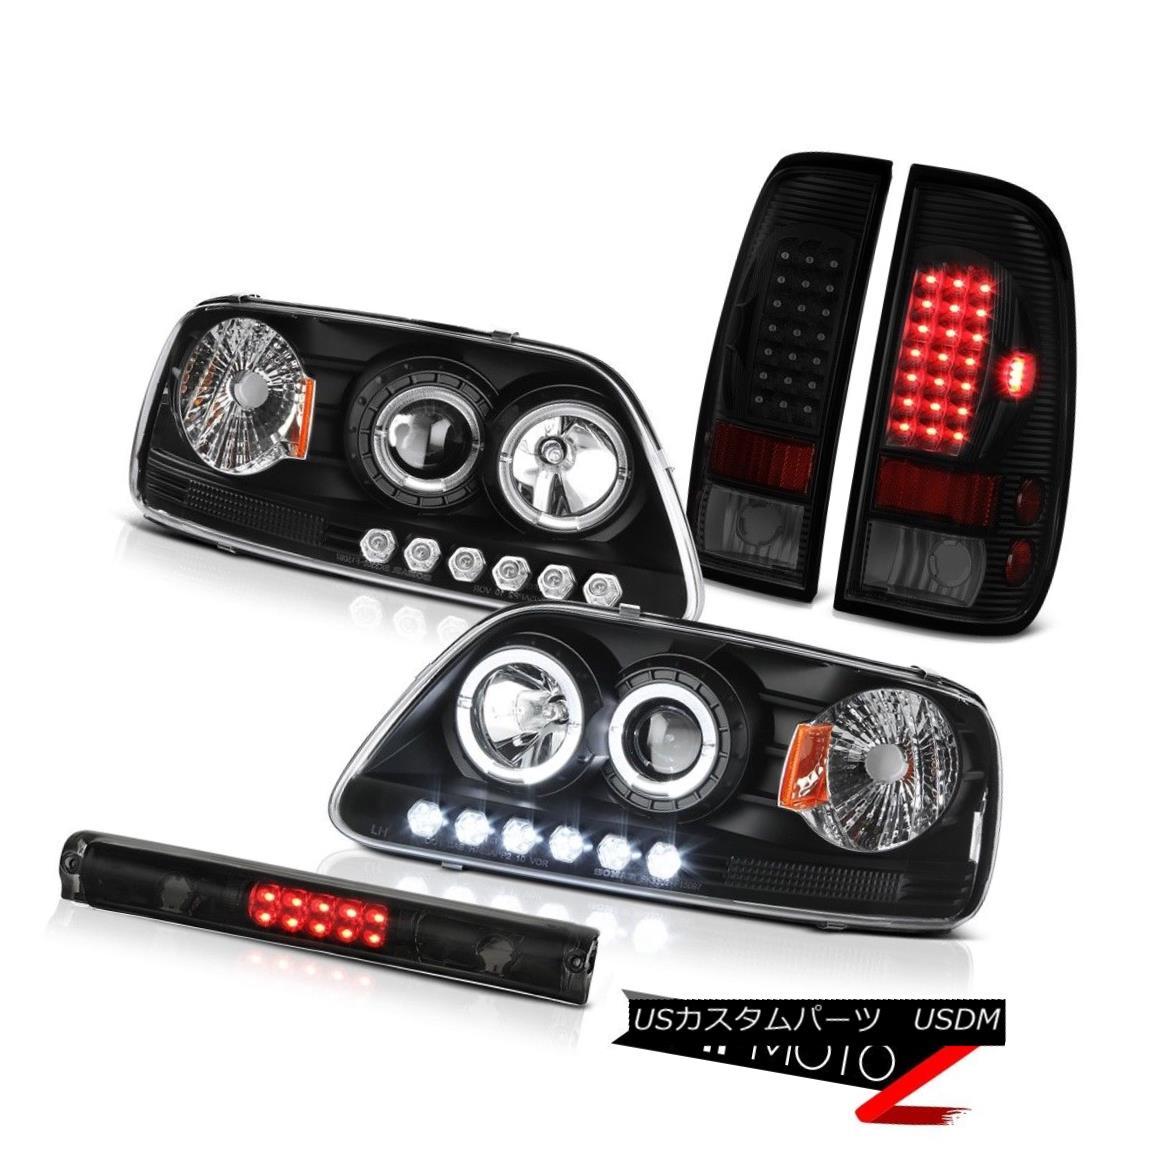 ヘッドライト 1997-2003 F150 Xl High Stop Light Taillamps Matte Black Projector Headlamps LED 1997-2003 F150 XlハイストップライトタイルランプマットブラックプロジェクターヘッドランプLED